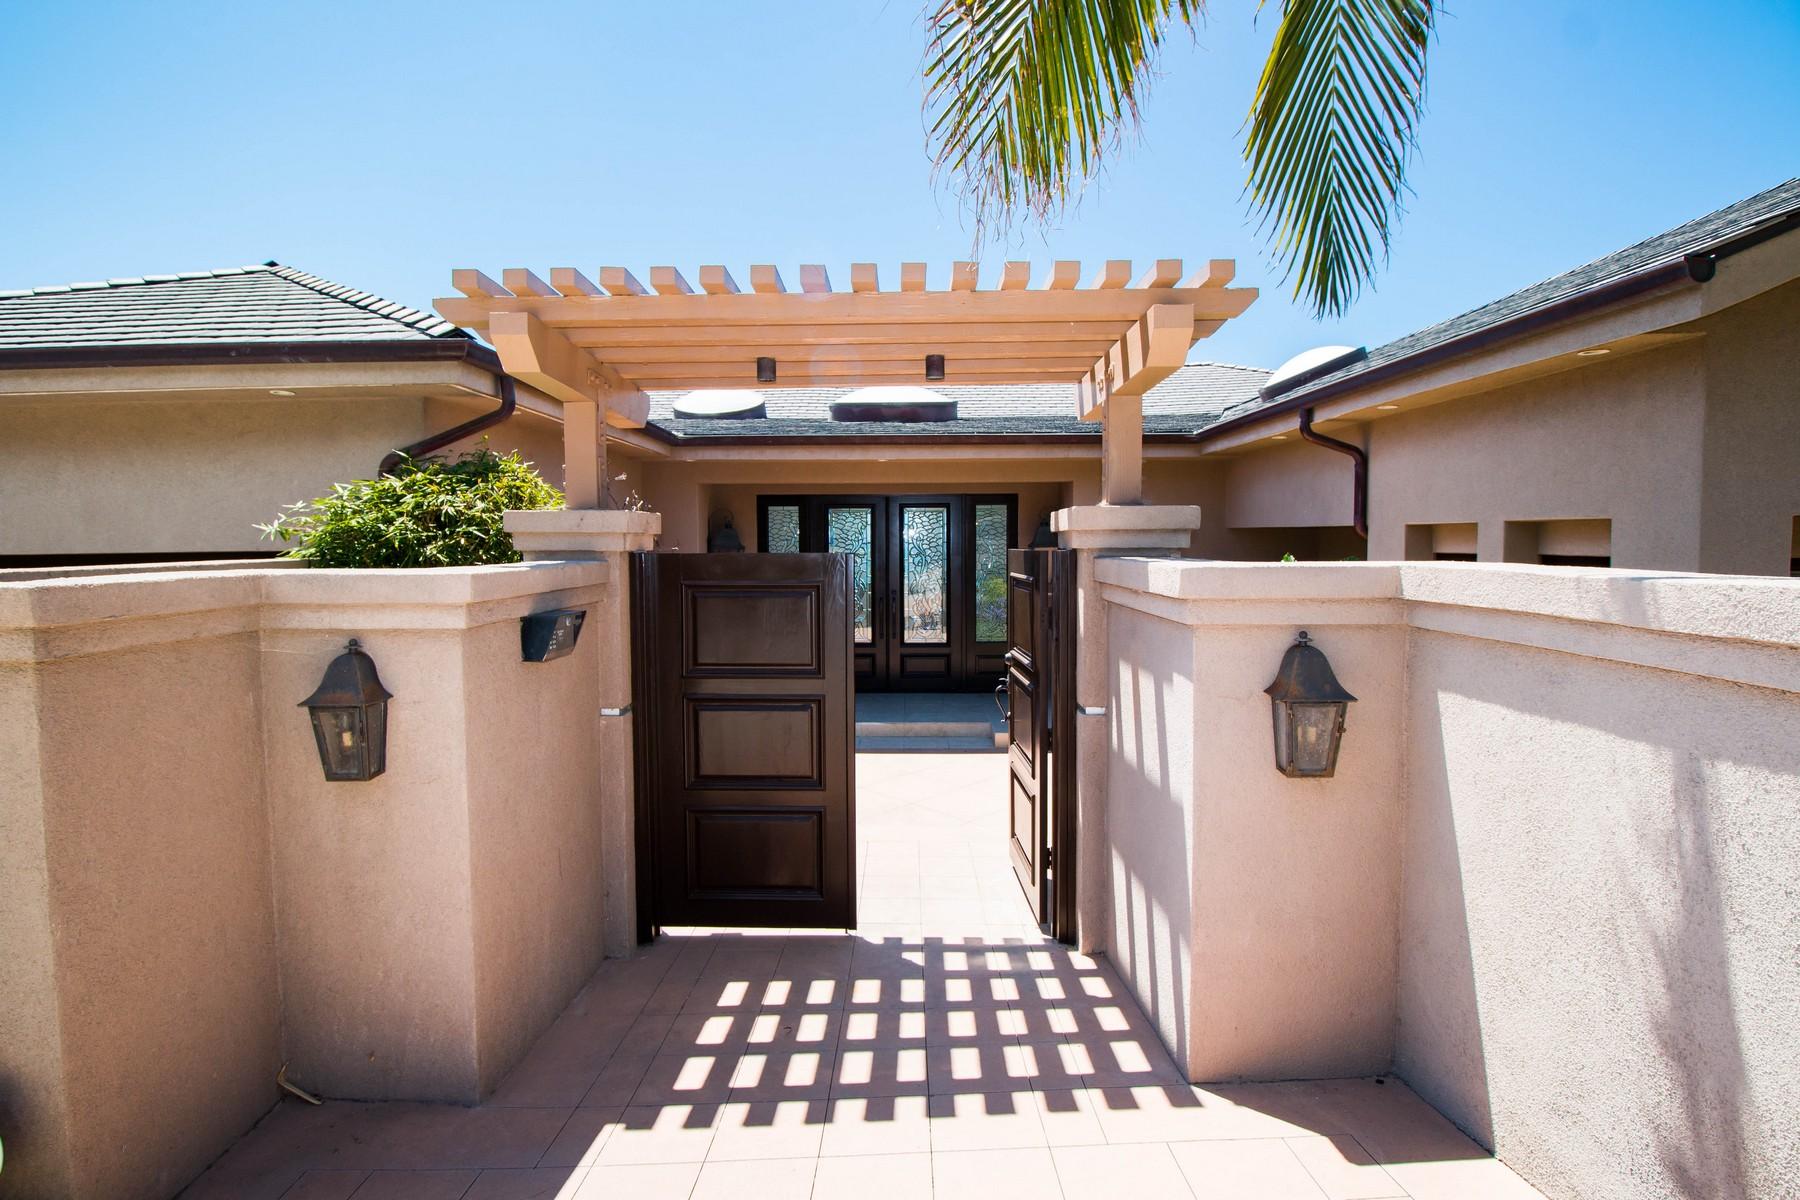 Single Family Home for Sale at 8641 Ruette Monte Carlo La Jolla, California, 92037 United States